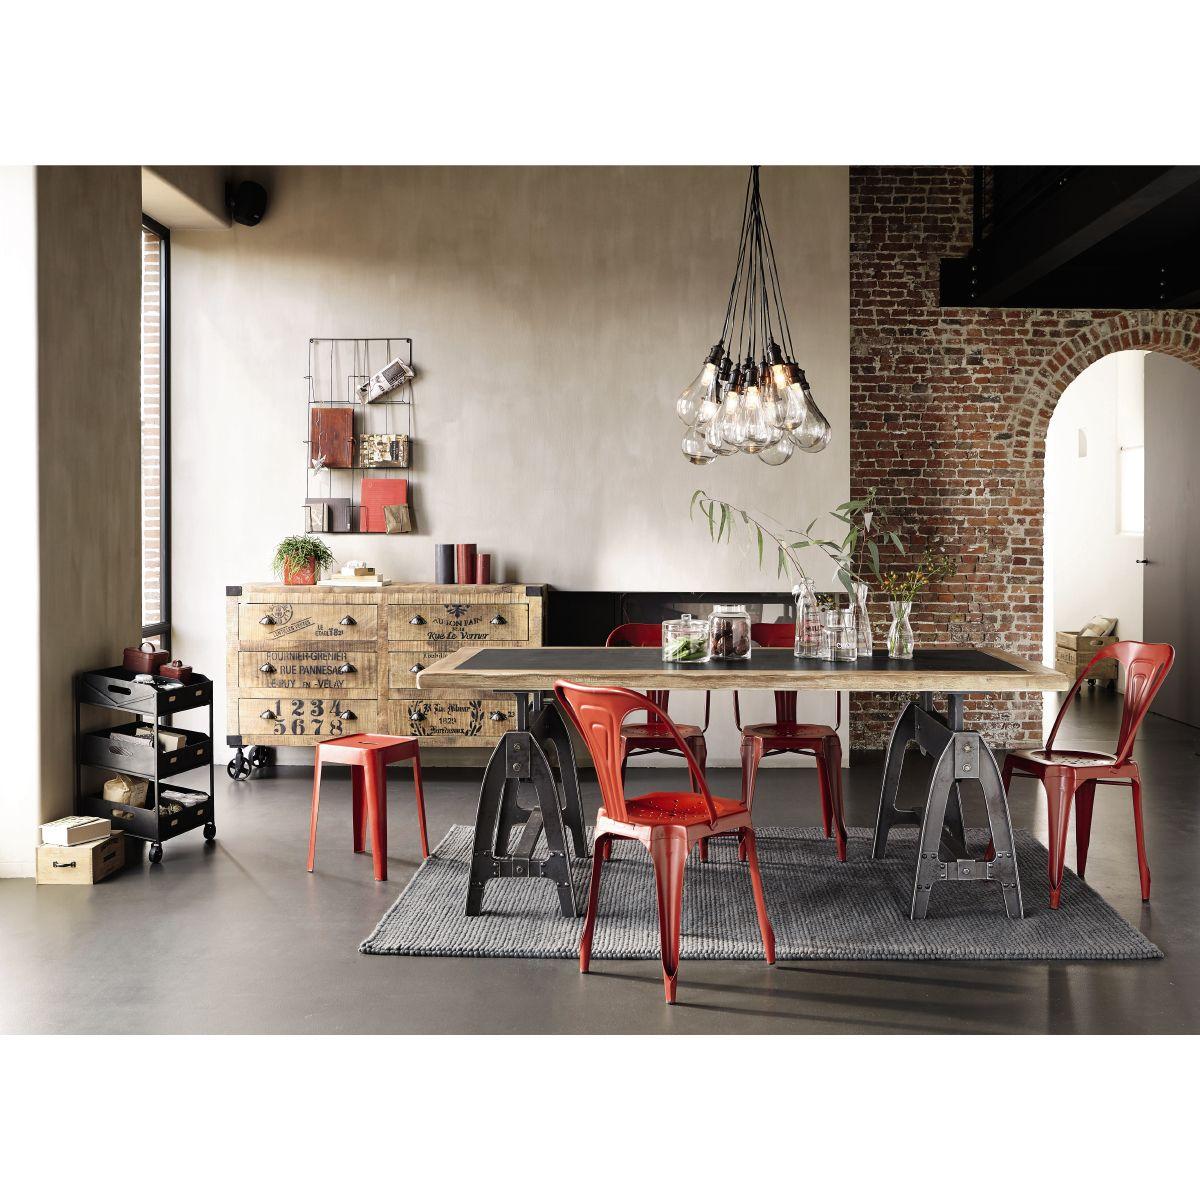 D couvrez la collection meubles d coration 2016 maisons for La maison du monde catalogue 2016